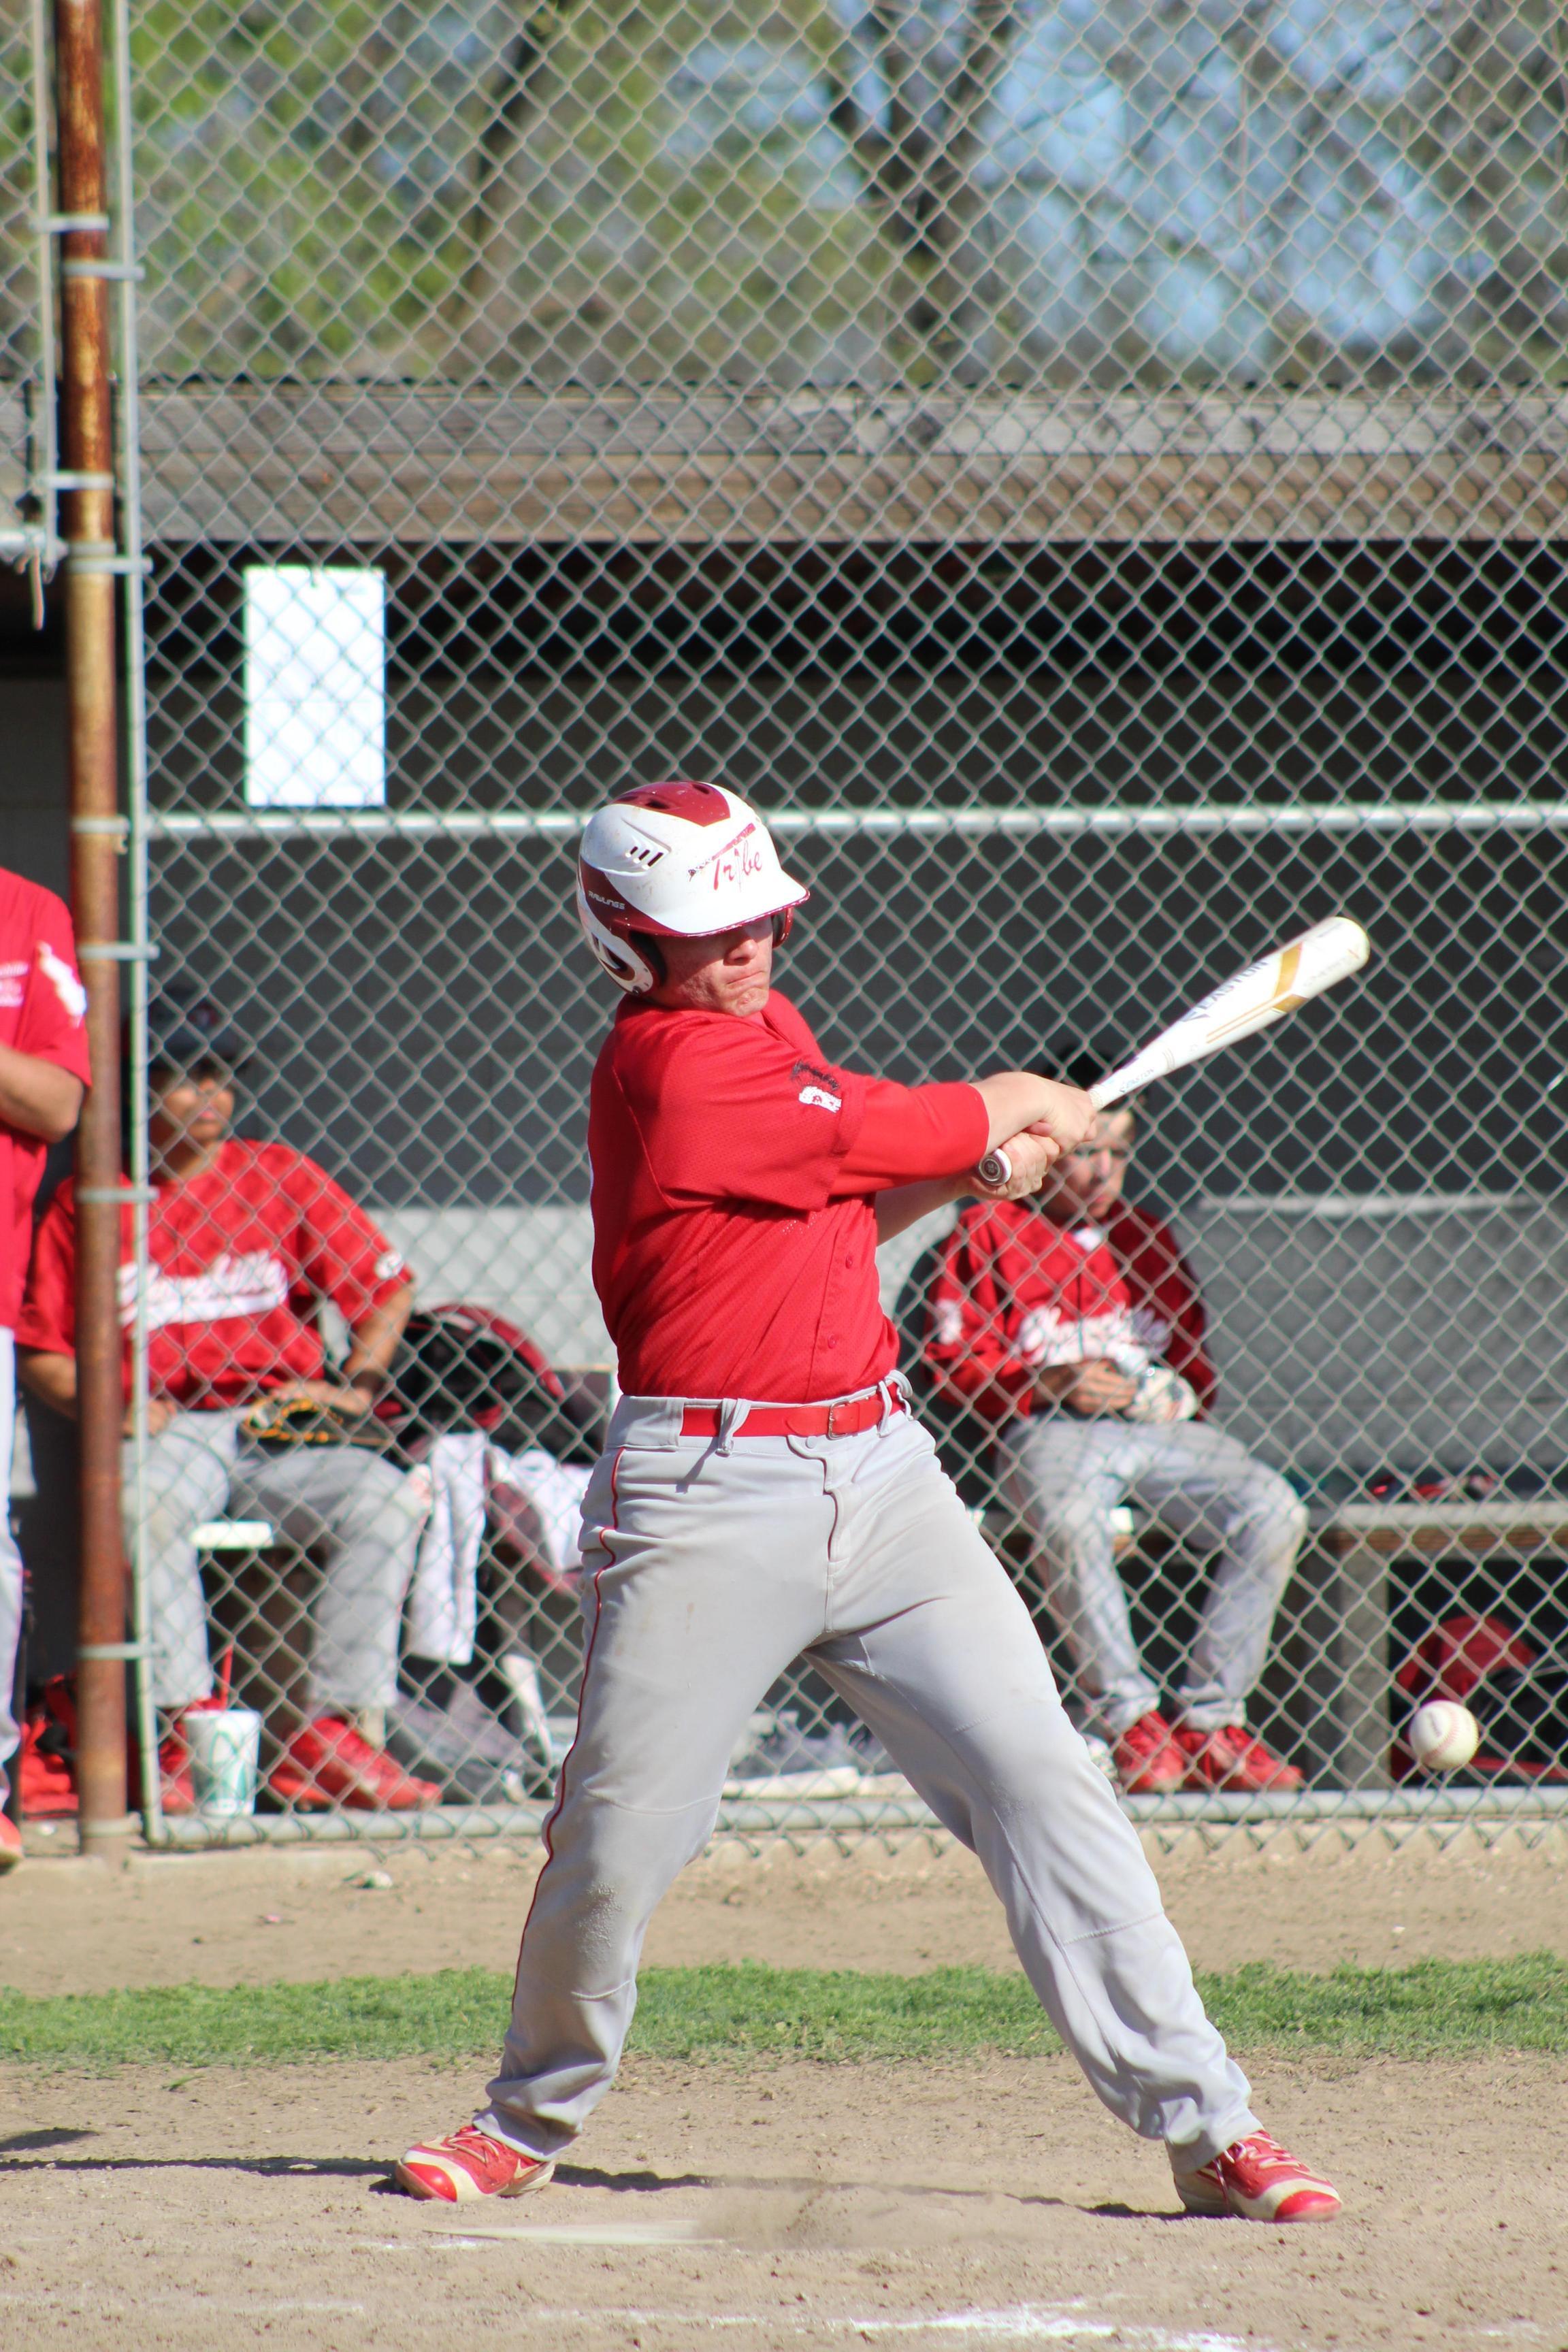 JV Baseball in action against Sierra